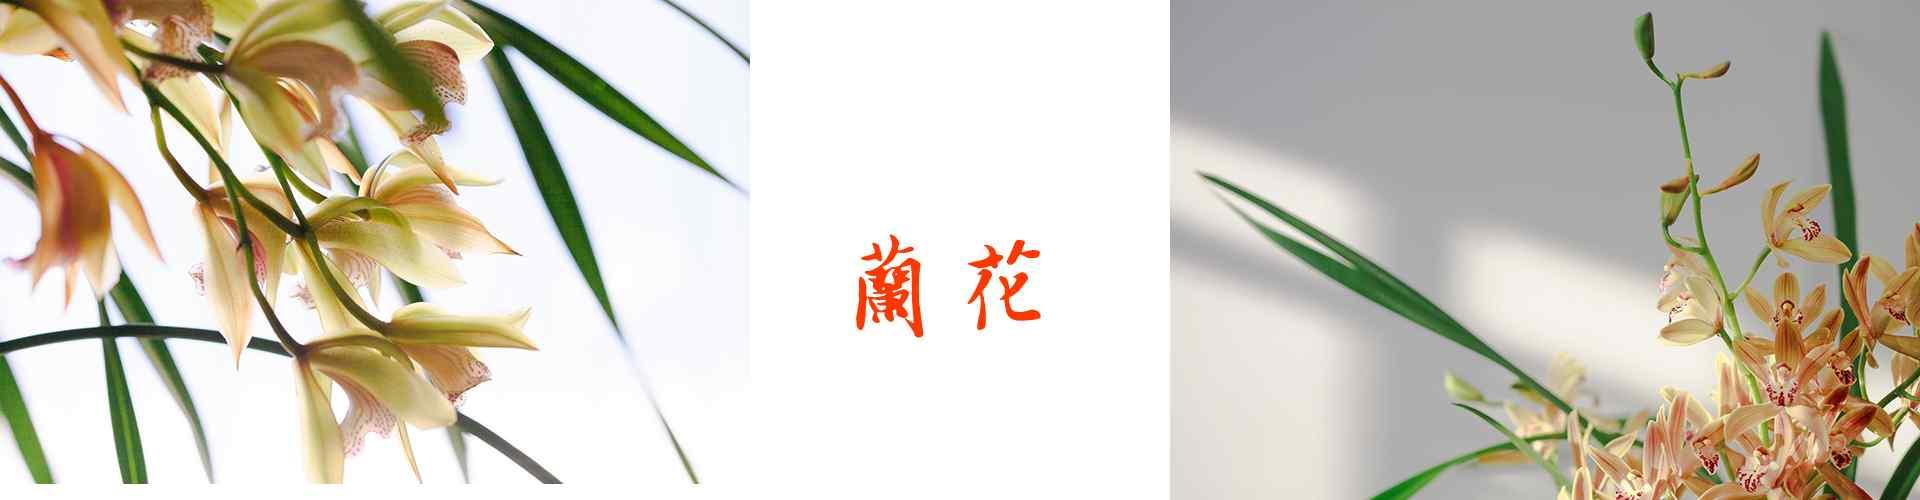 十大名花之兰花_兰花图片_春兰图片_蕙兰图片_建兰图片_墨兰图片_寒兰图片_植物壁纸